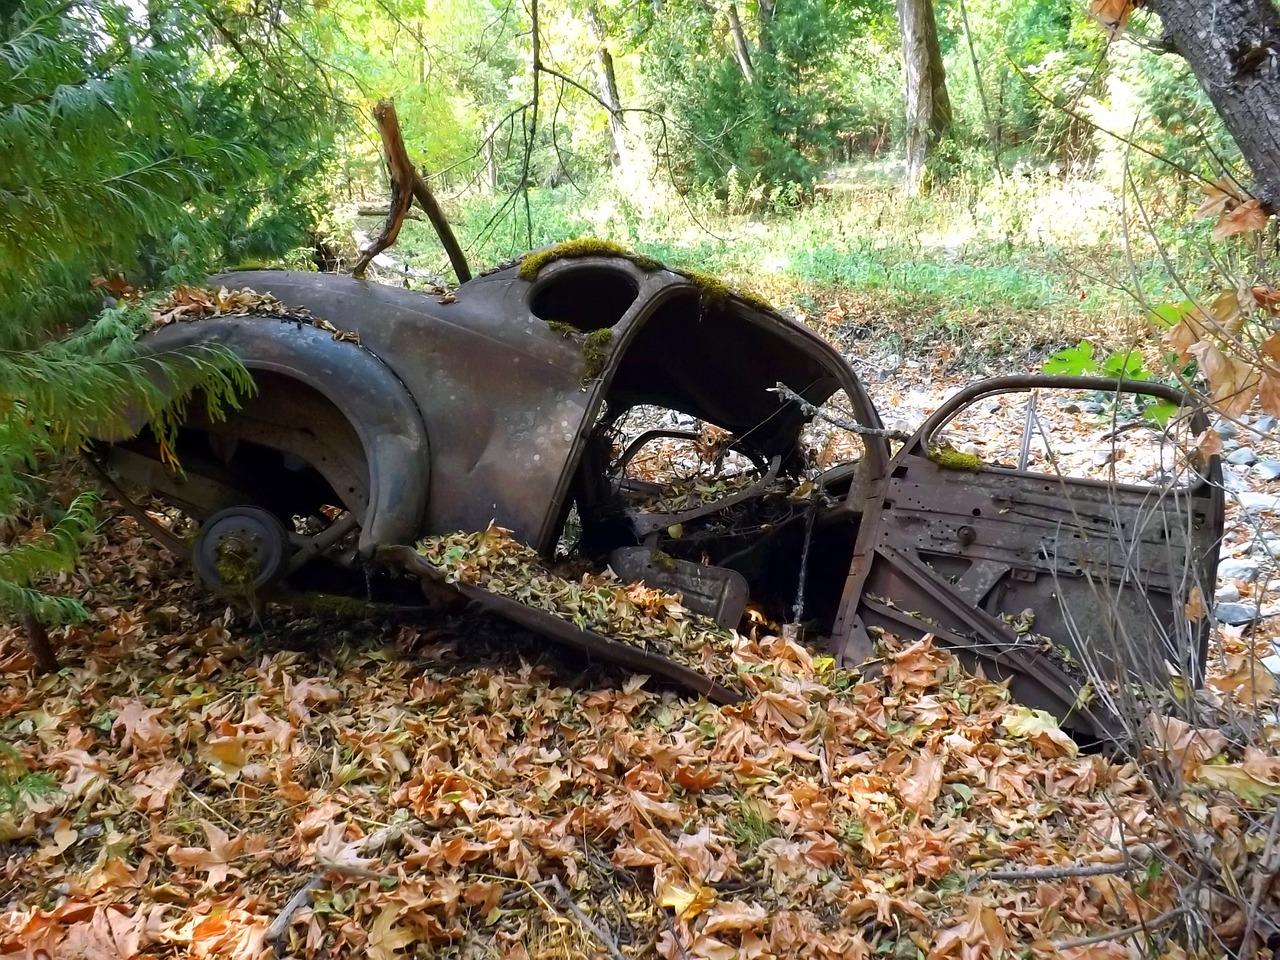 Car Abandoned Rusted - Free photo on Pixabay